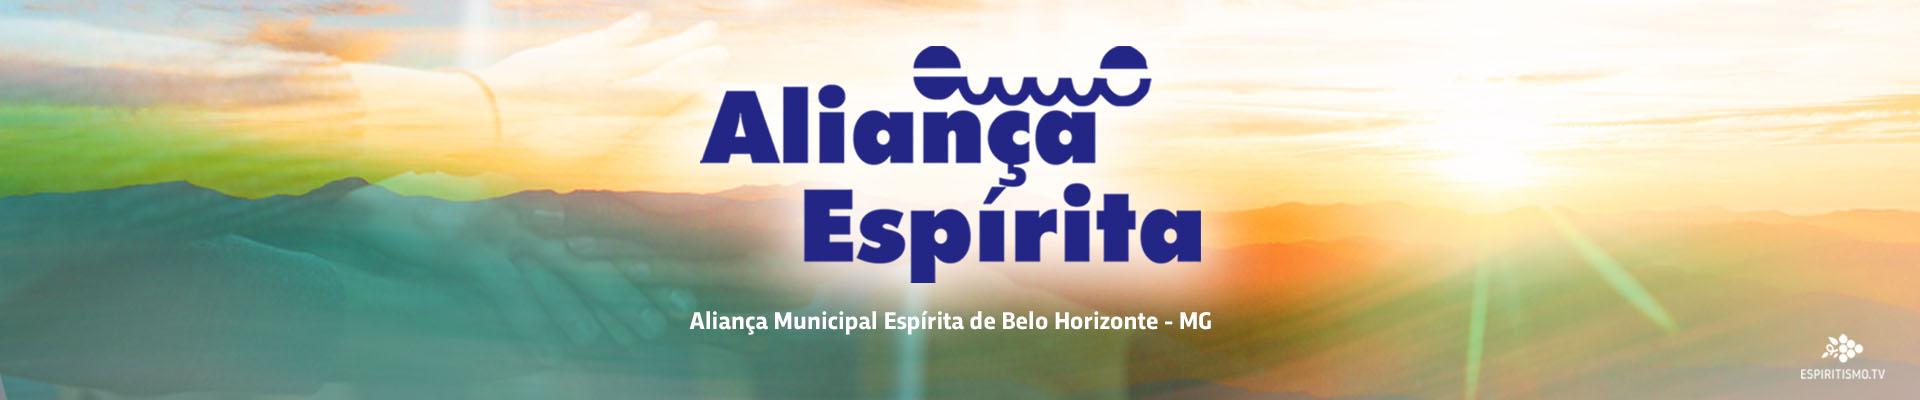 AME BH - Aliança Municipal Espírita de Belo Horizonte 1